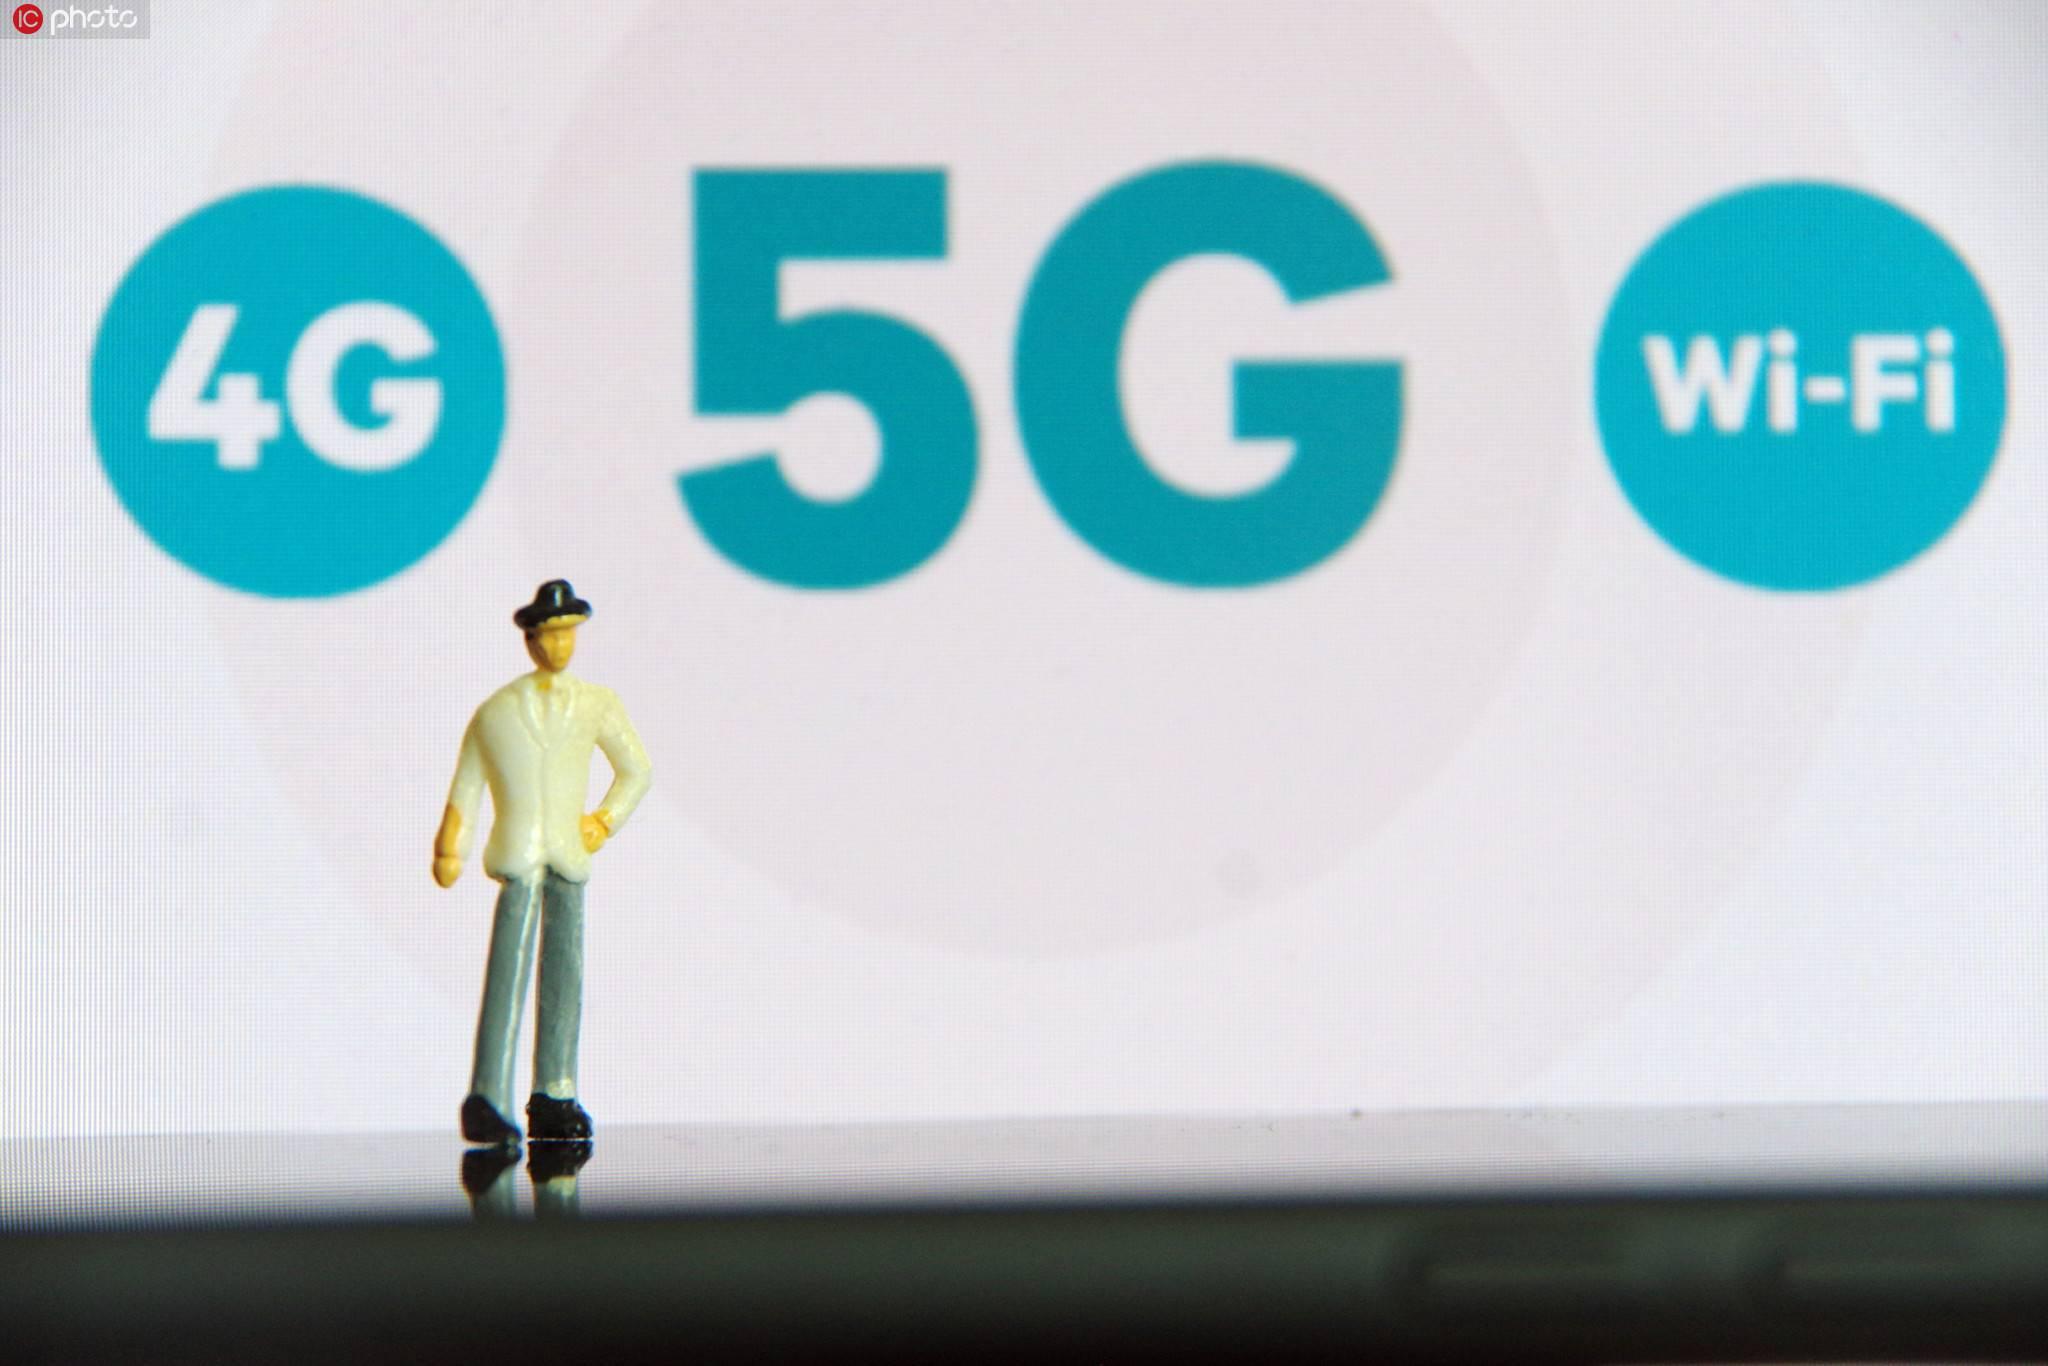 微软 CTO 韦青:5G 与亚里士多德